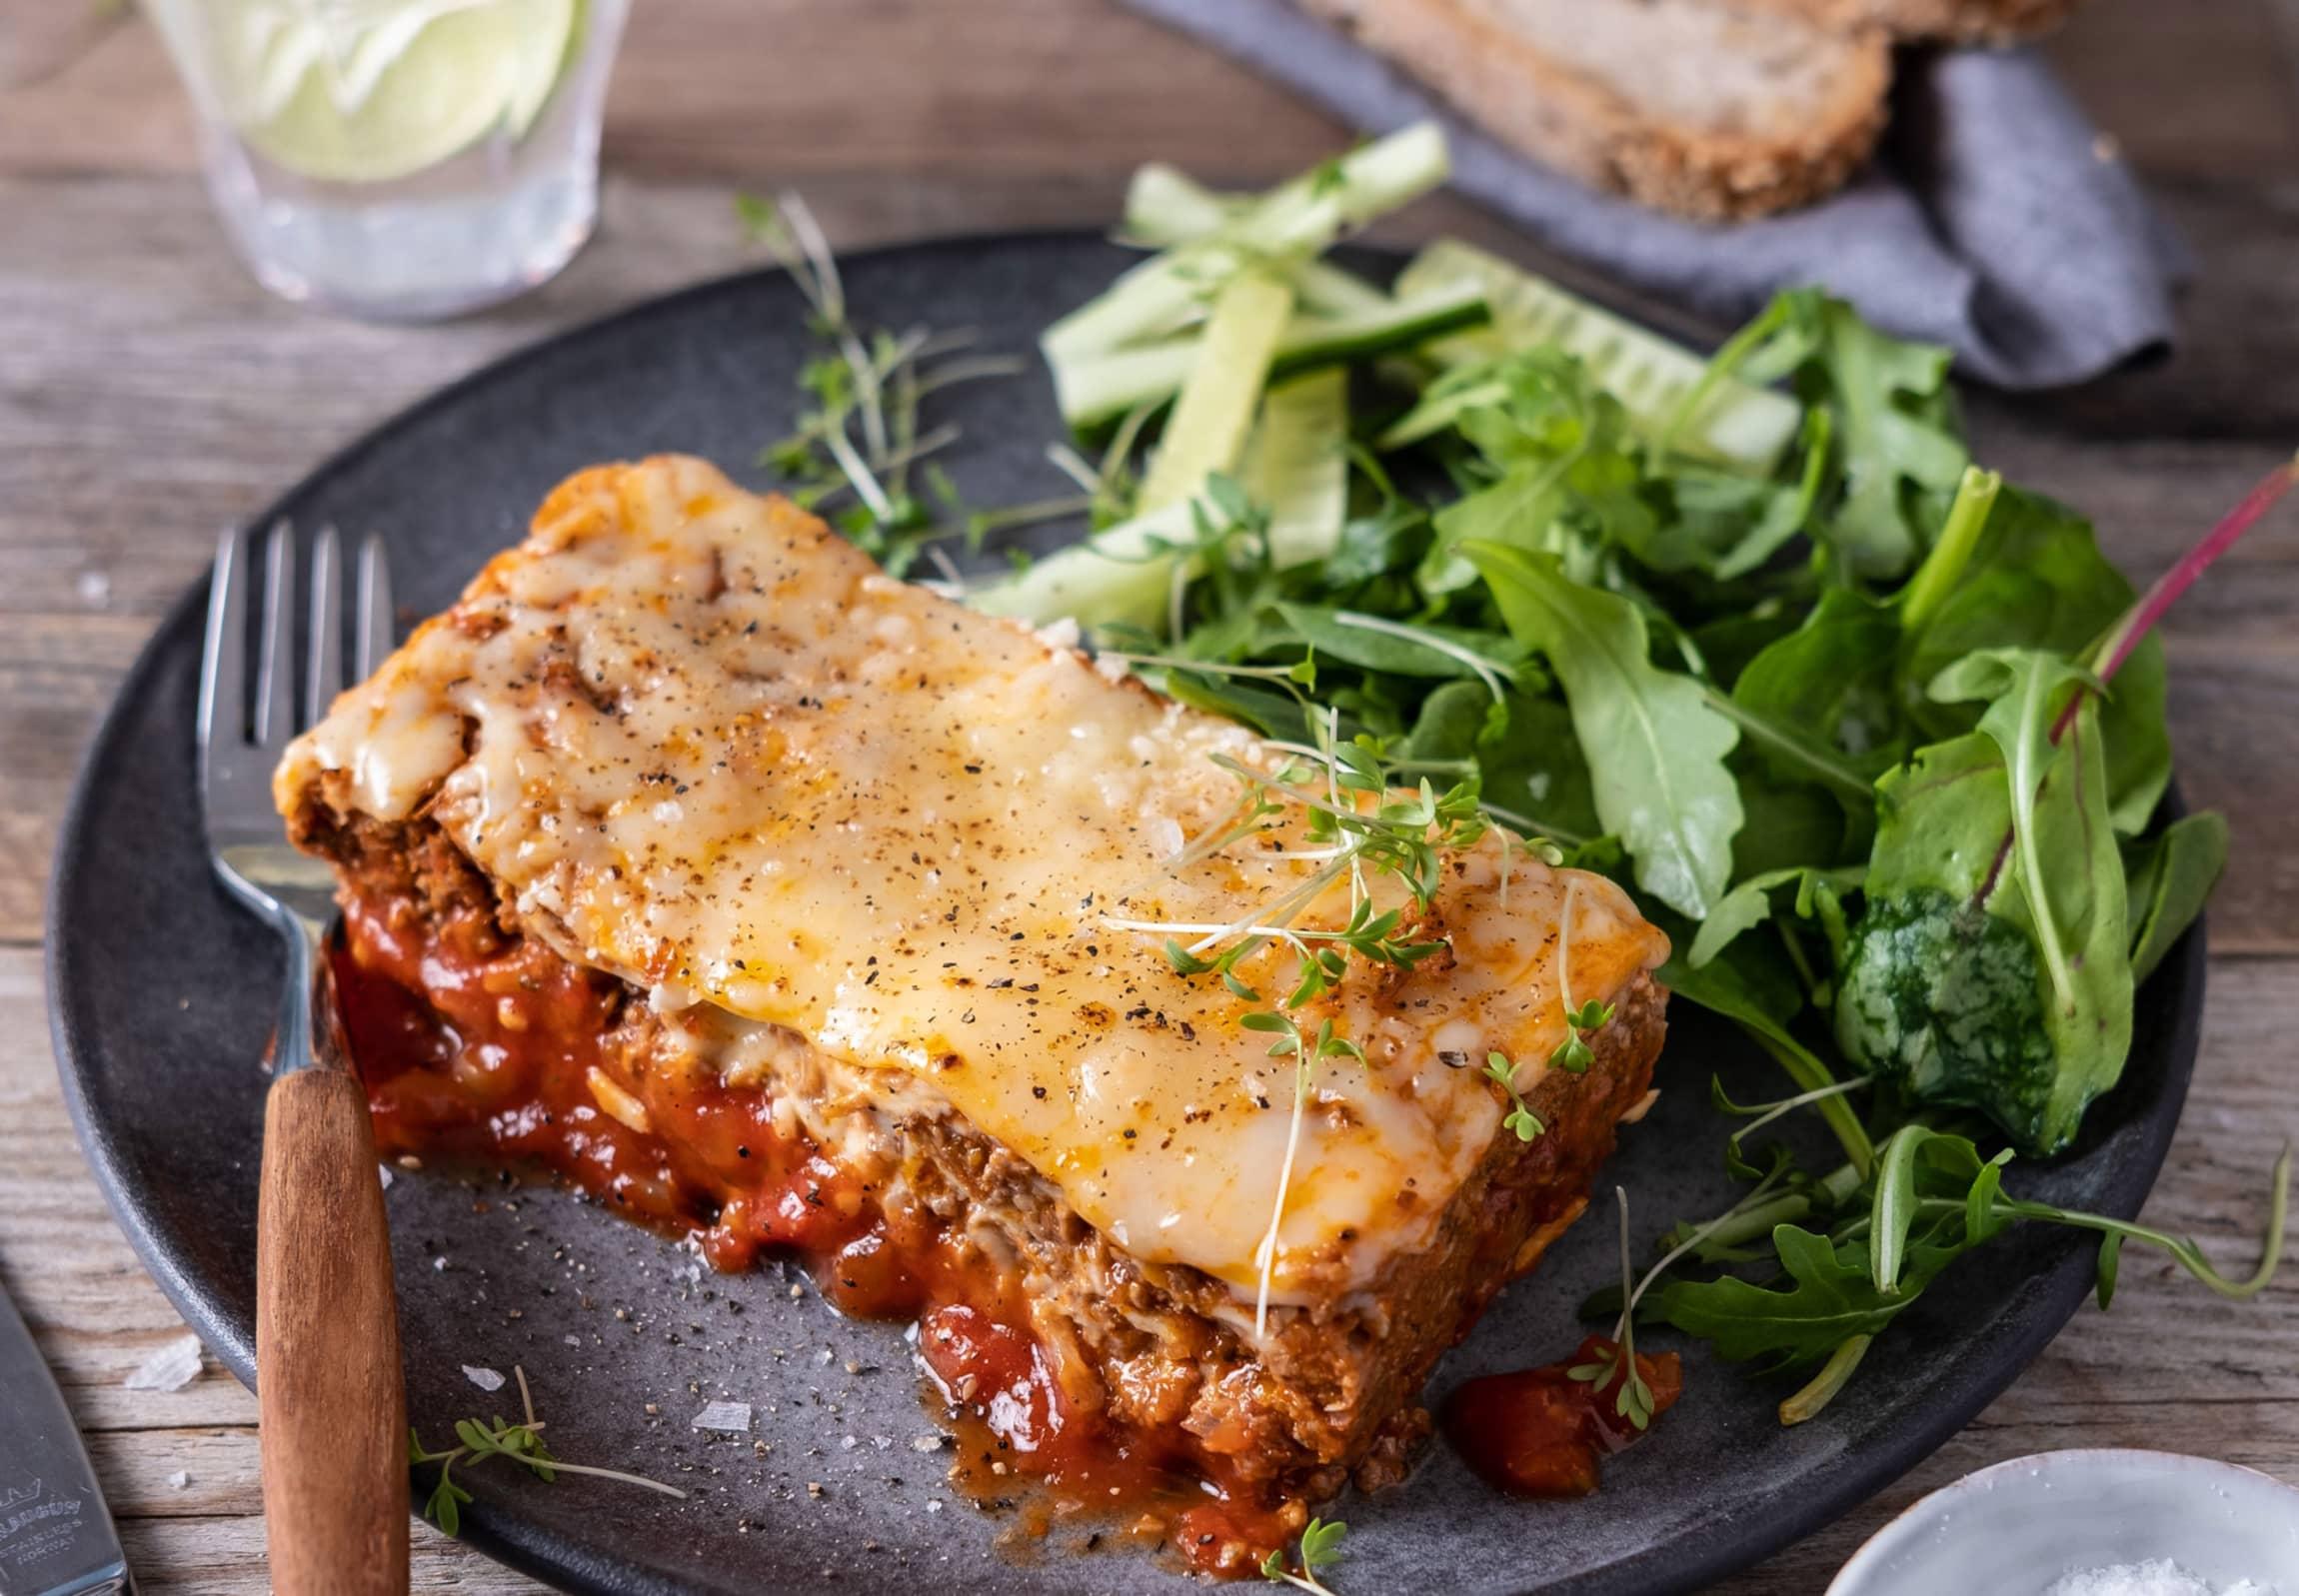 FERDIG MIDDAG: Lasagnen fra Heat & Eat trenger bare å varmes i ovnen i 18 minutter, eller i mikro i 4 minutter.